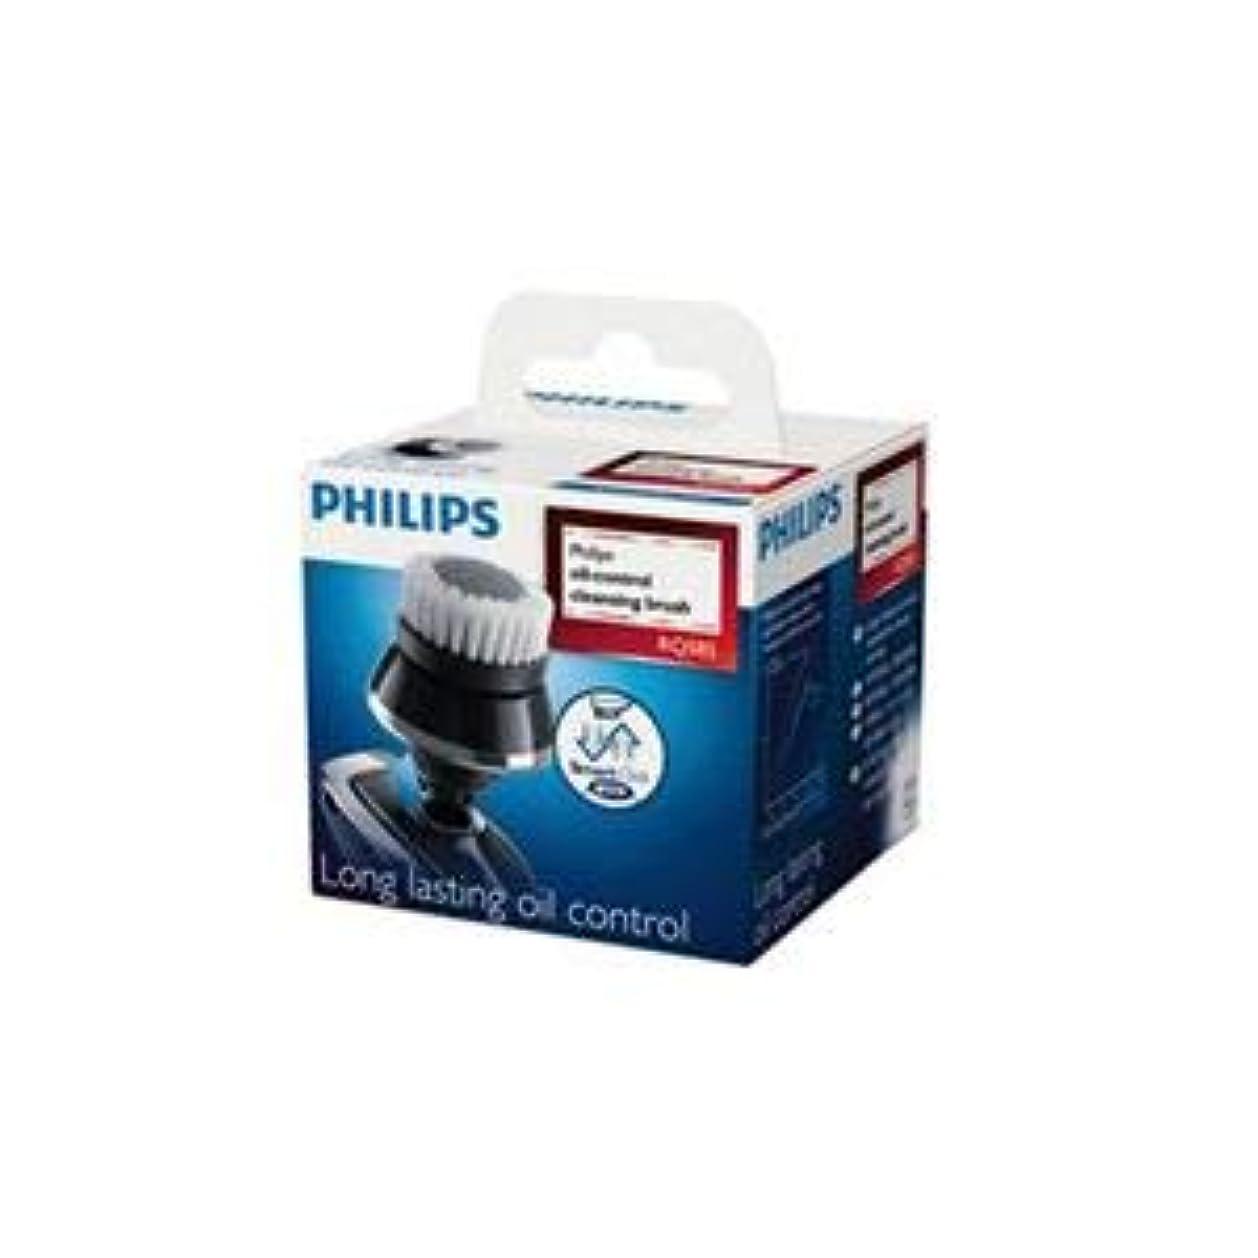 沈黙モットー証言PHILIPS 交換用 洗顔ブラシ?マウントセット(1セット) RQ585/51